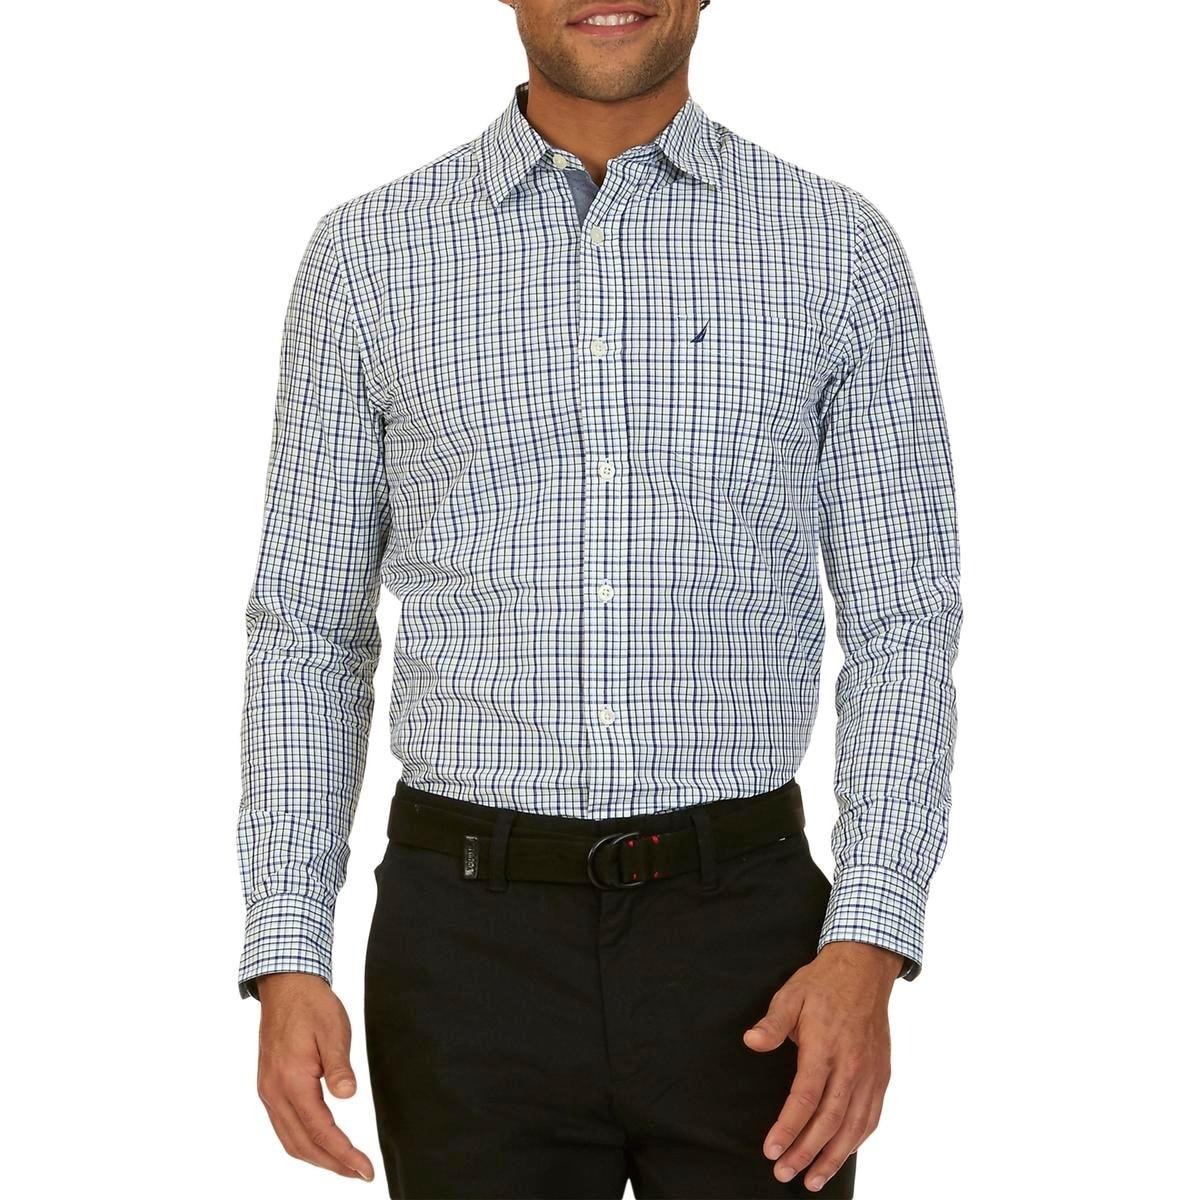 Shop Nautica Mens Big Tall Casual Shirt Plaid Short Sleeves 2xlt